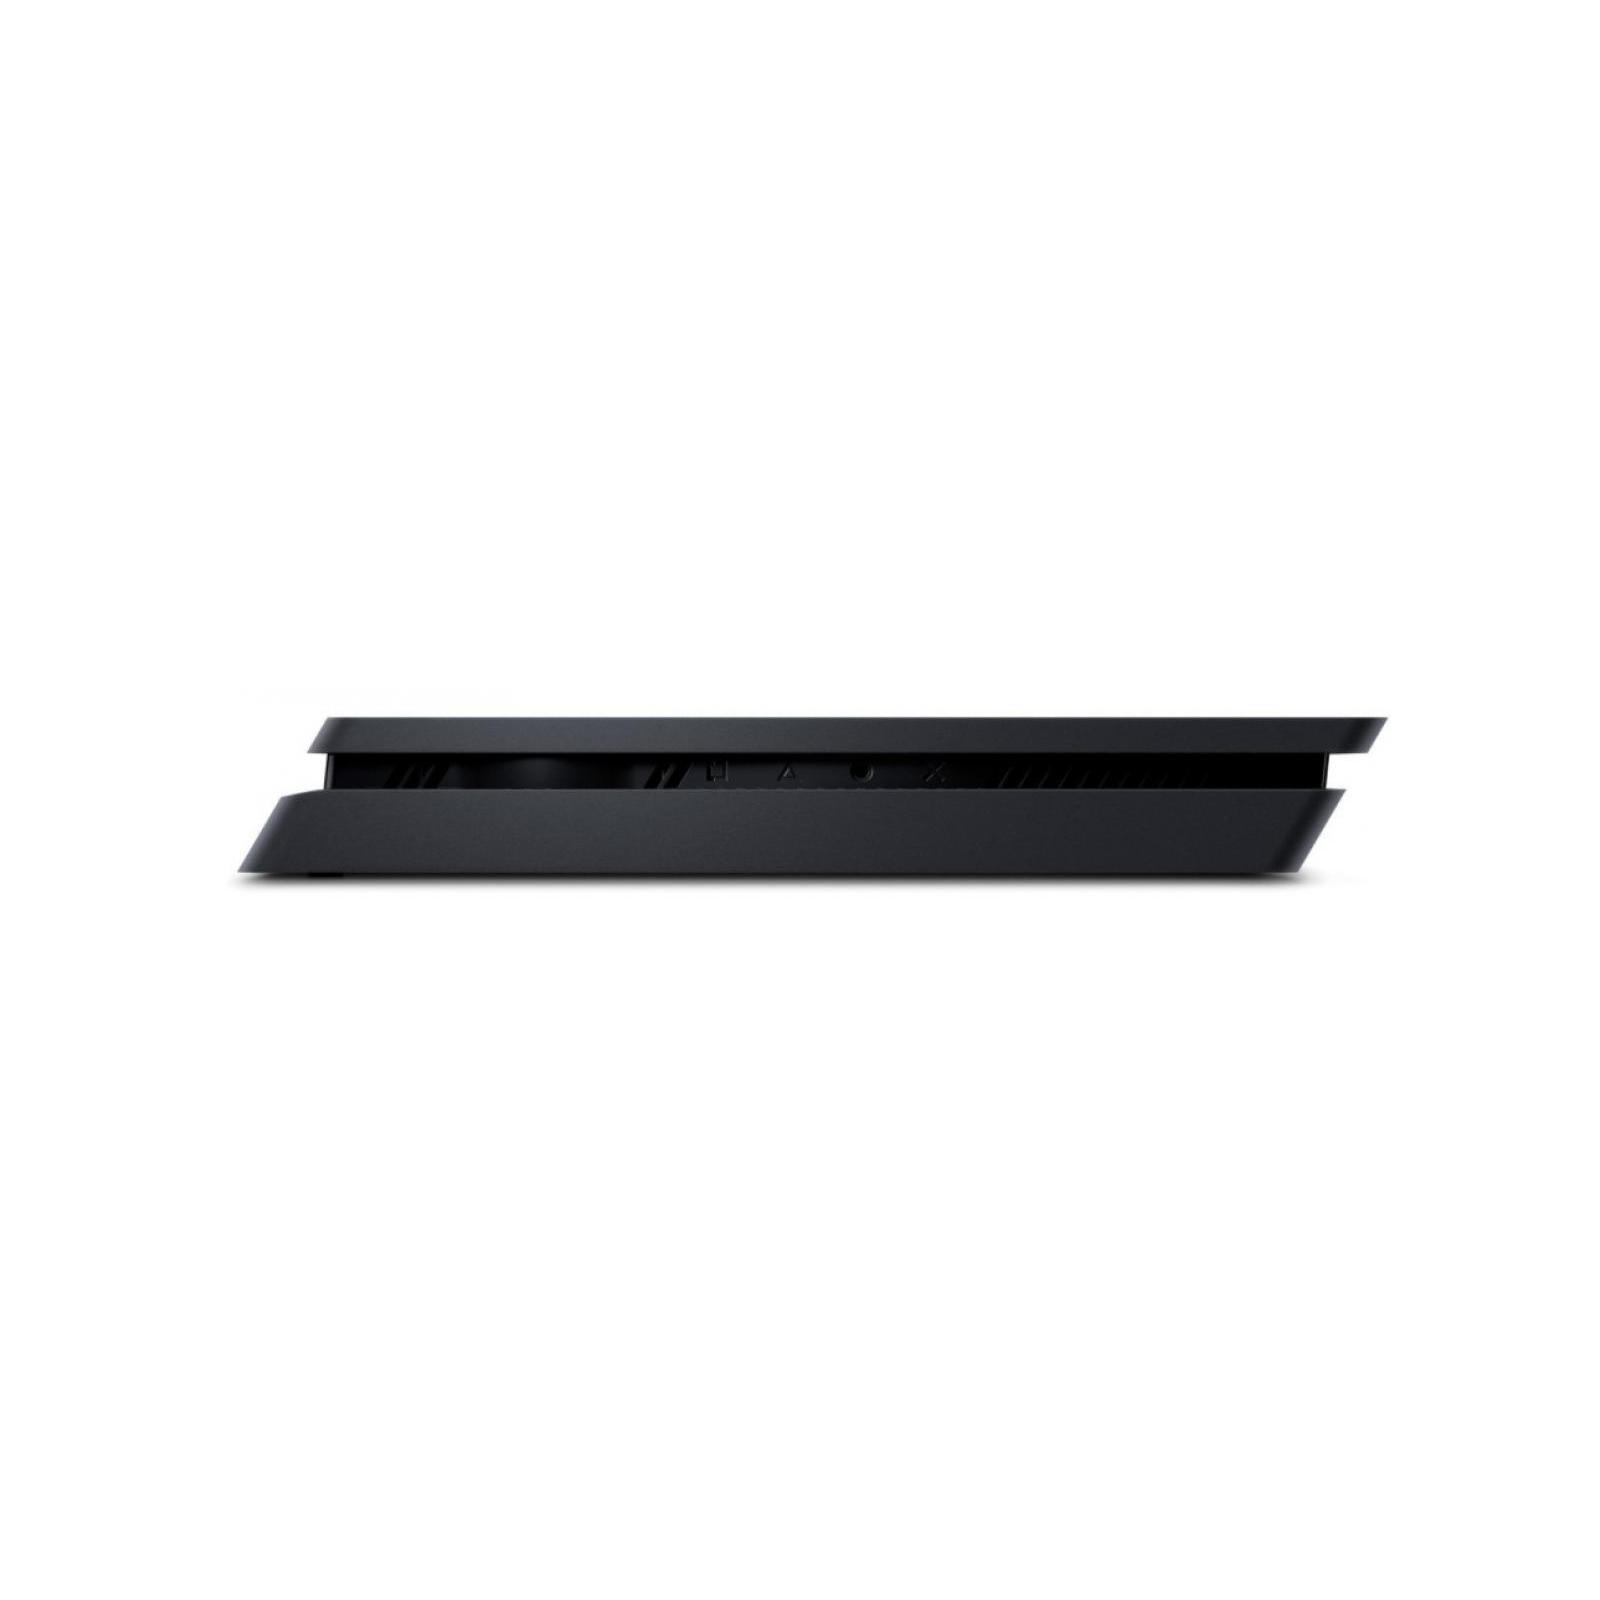 Игровая консоль SONY PlayStation 4 Slim 500 Gb Black (HZD+GTS+UC4+Wargaming+PSPl) (9395270*) изображение 5